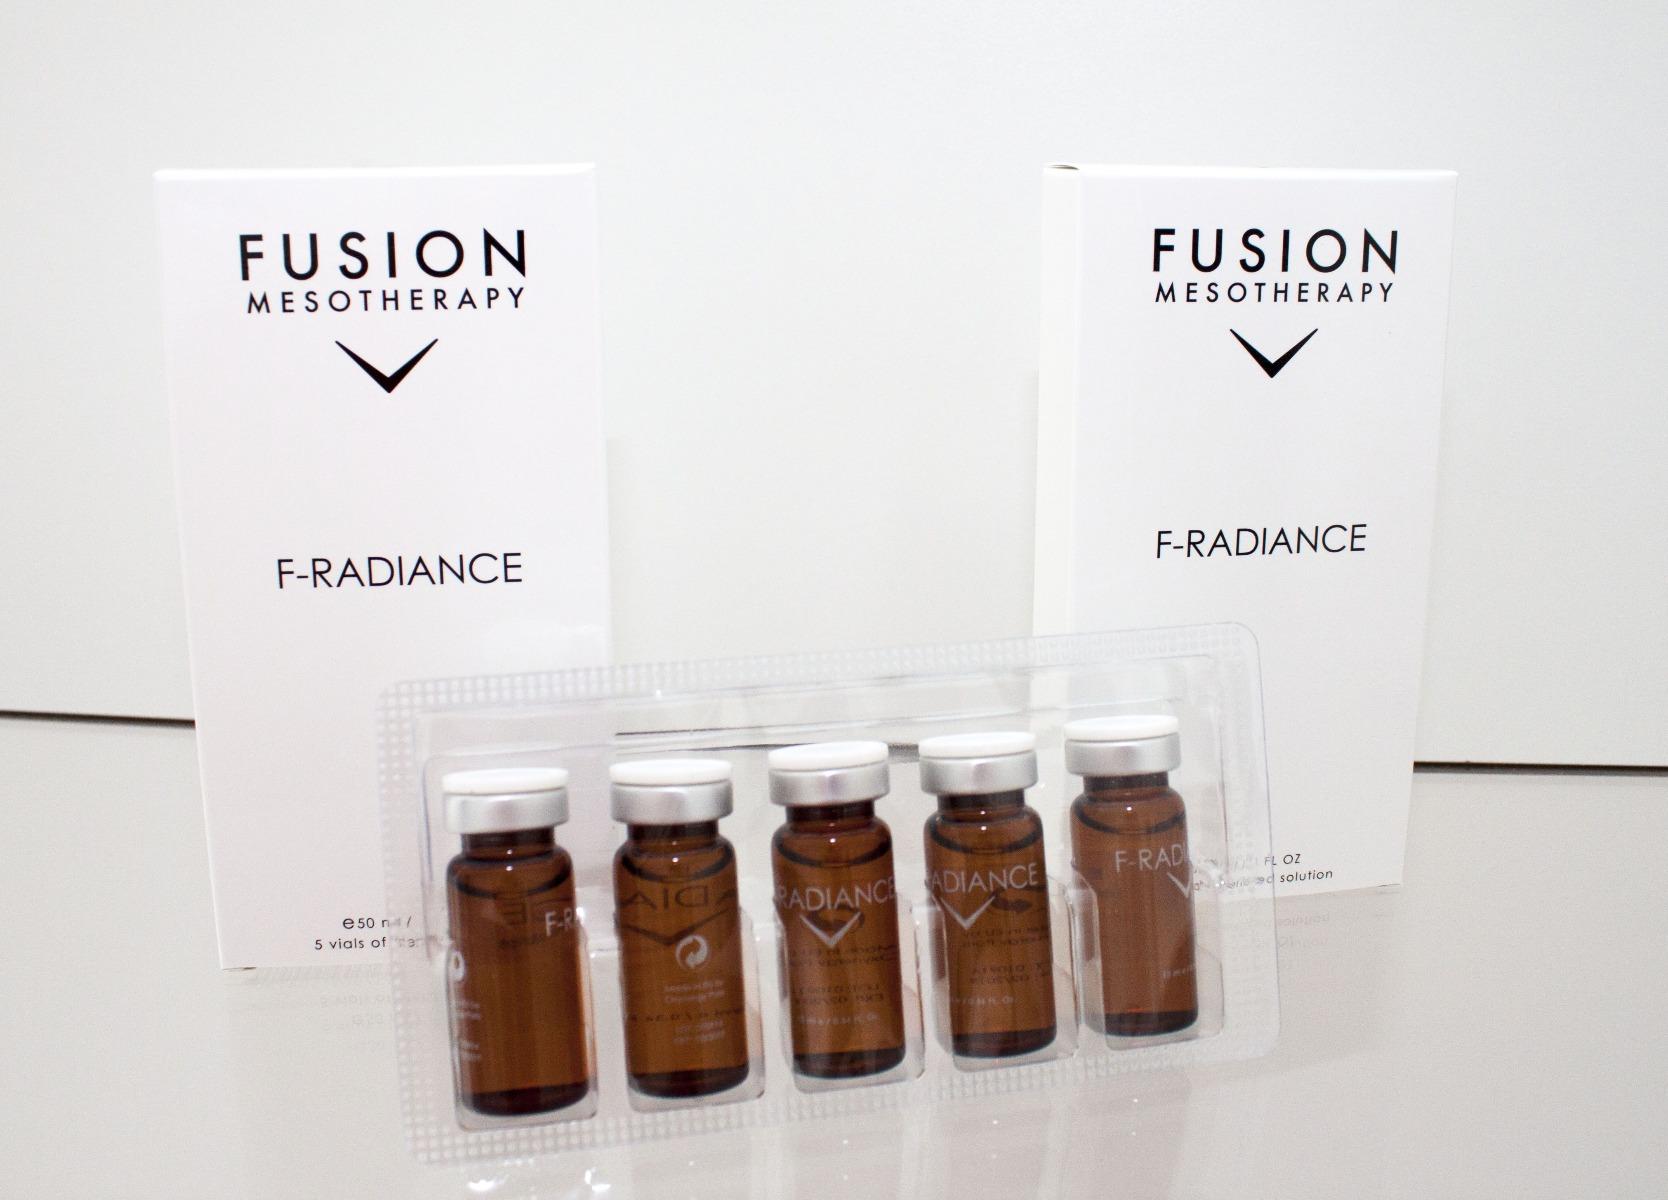 Dưỡng Sáng - Trẻ Hóa Da Với Dưỡng Chất Fusion Meso Bác Sĩ Thực Hiện